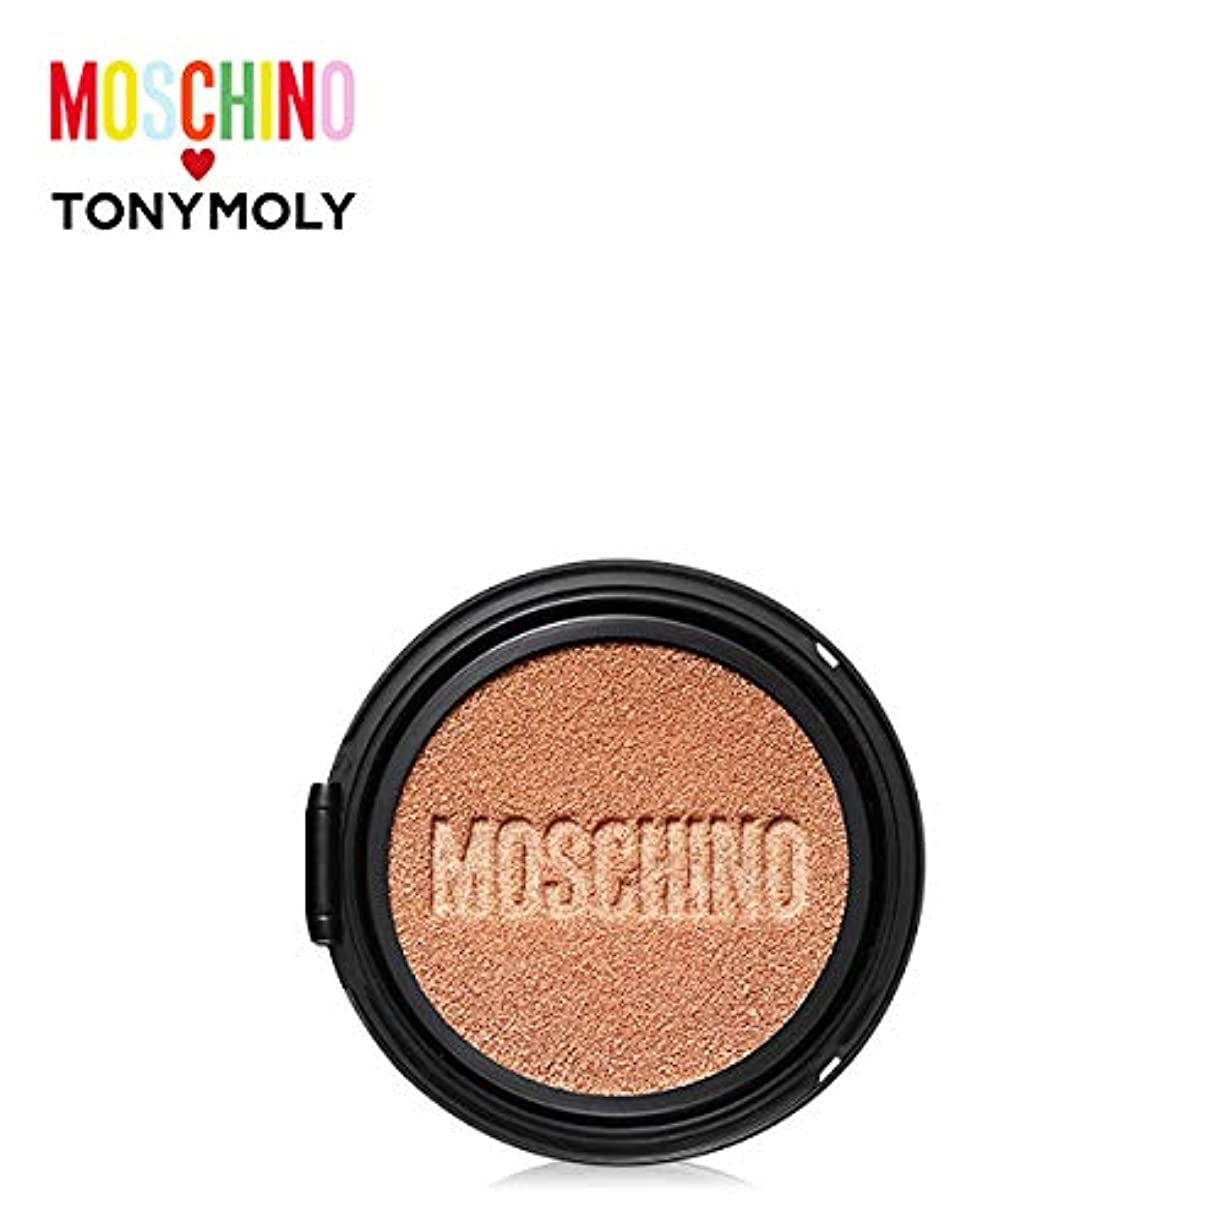 音合計健康的TONYMOLY [MOSCHINO Edition] Gold Edition Chic Skin Cushion -Refill #01 CHIC VANILLA トニーモリー [モスキーノ] ゴールドエディション...